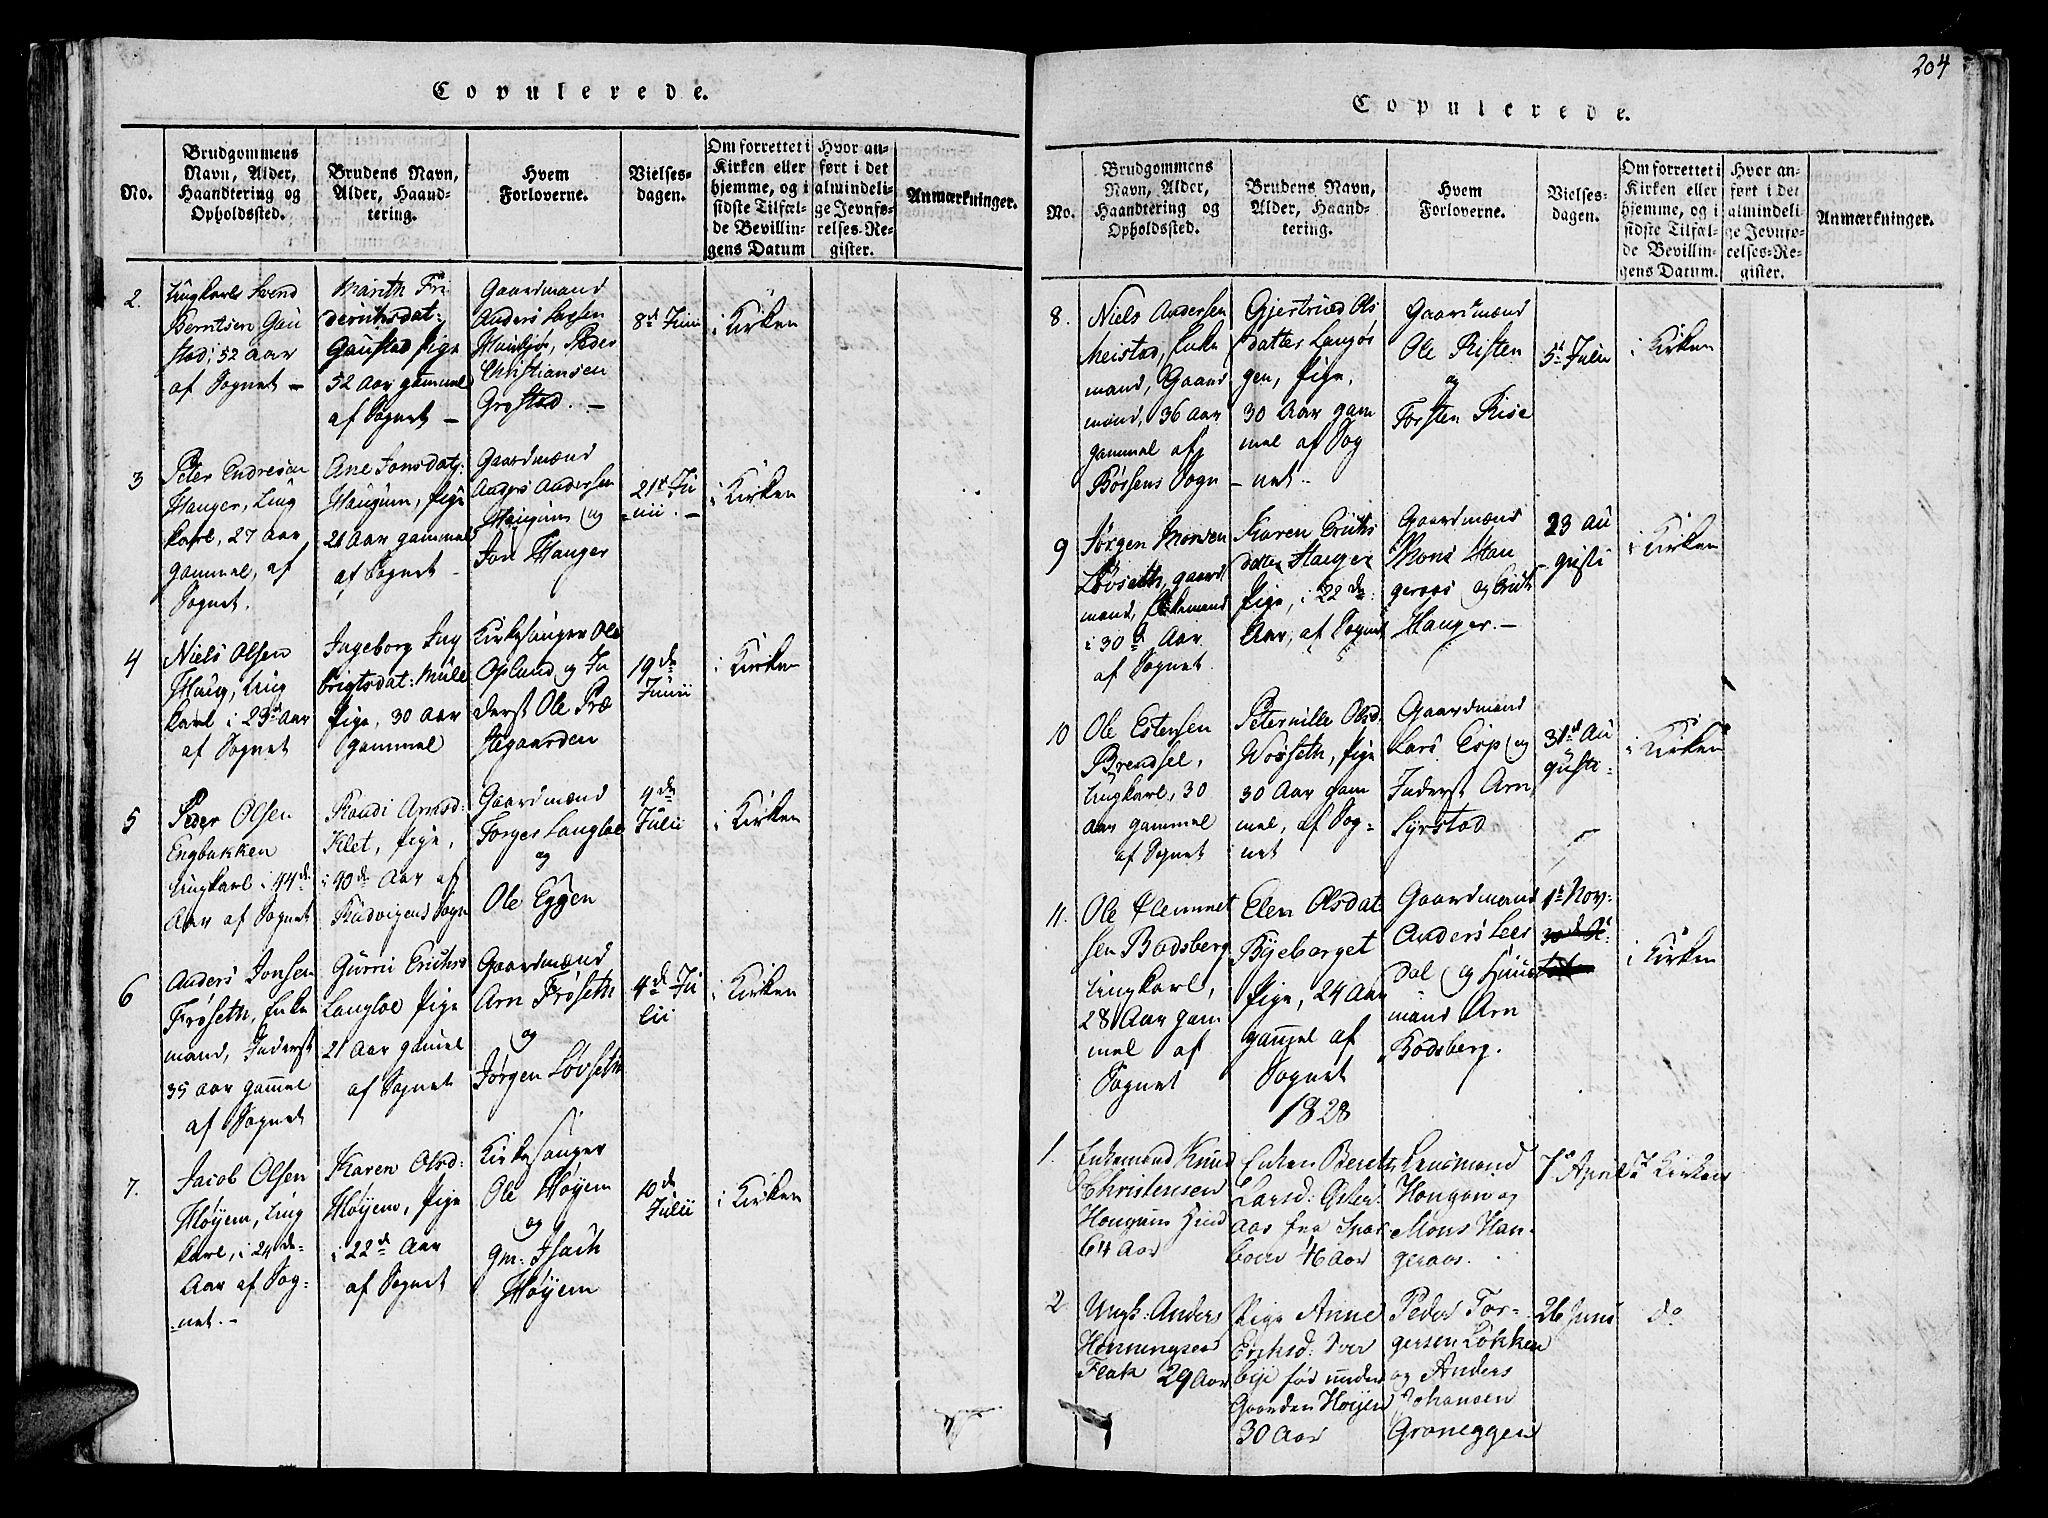 SAT, Ministerialprotokoller, klokkerbøker og fødselsregistre - Sør-Trøndelag, 612/L0372: Ministerialbok nr. 612A06 /1, 1816-1828, s. 204